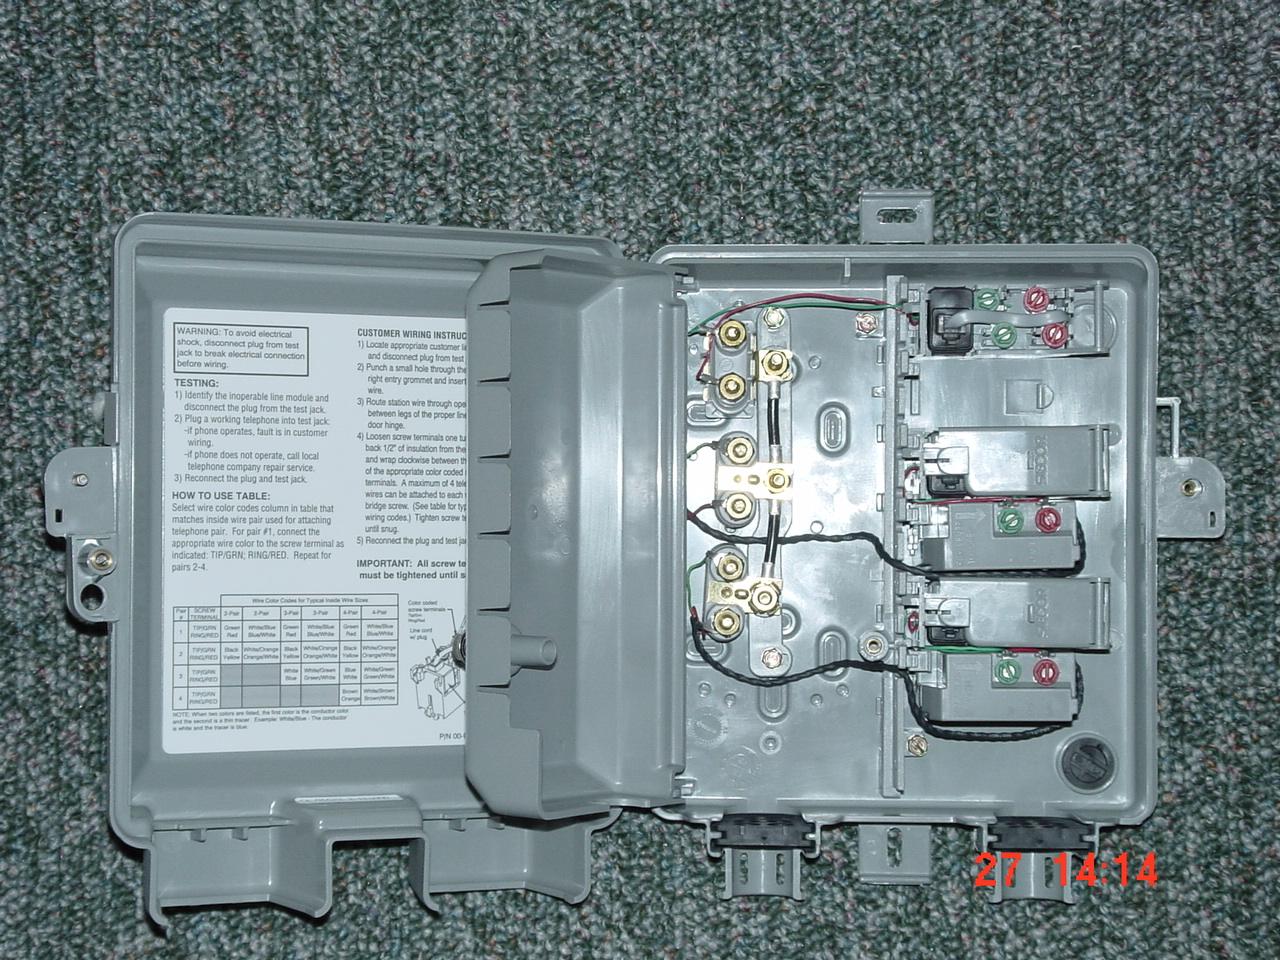 [DVZP_7254]   VM_2984] Telephone Box Wiring Diagram For Dsl Telephone Jack Wiring Diagram   Demarc Box Wiring Diagram      Oxyt Bocep Vira Phae Mohammedshrine Librar Wiring 101